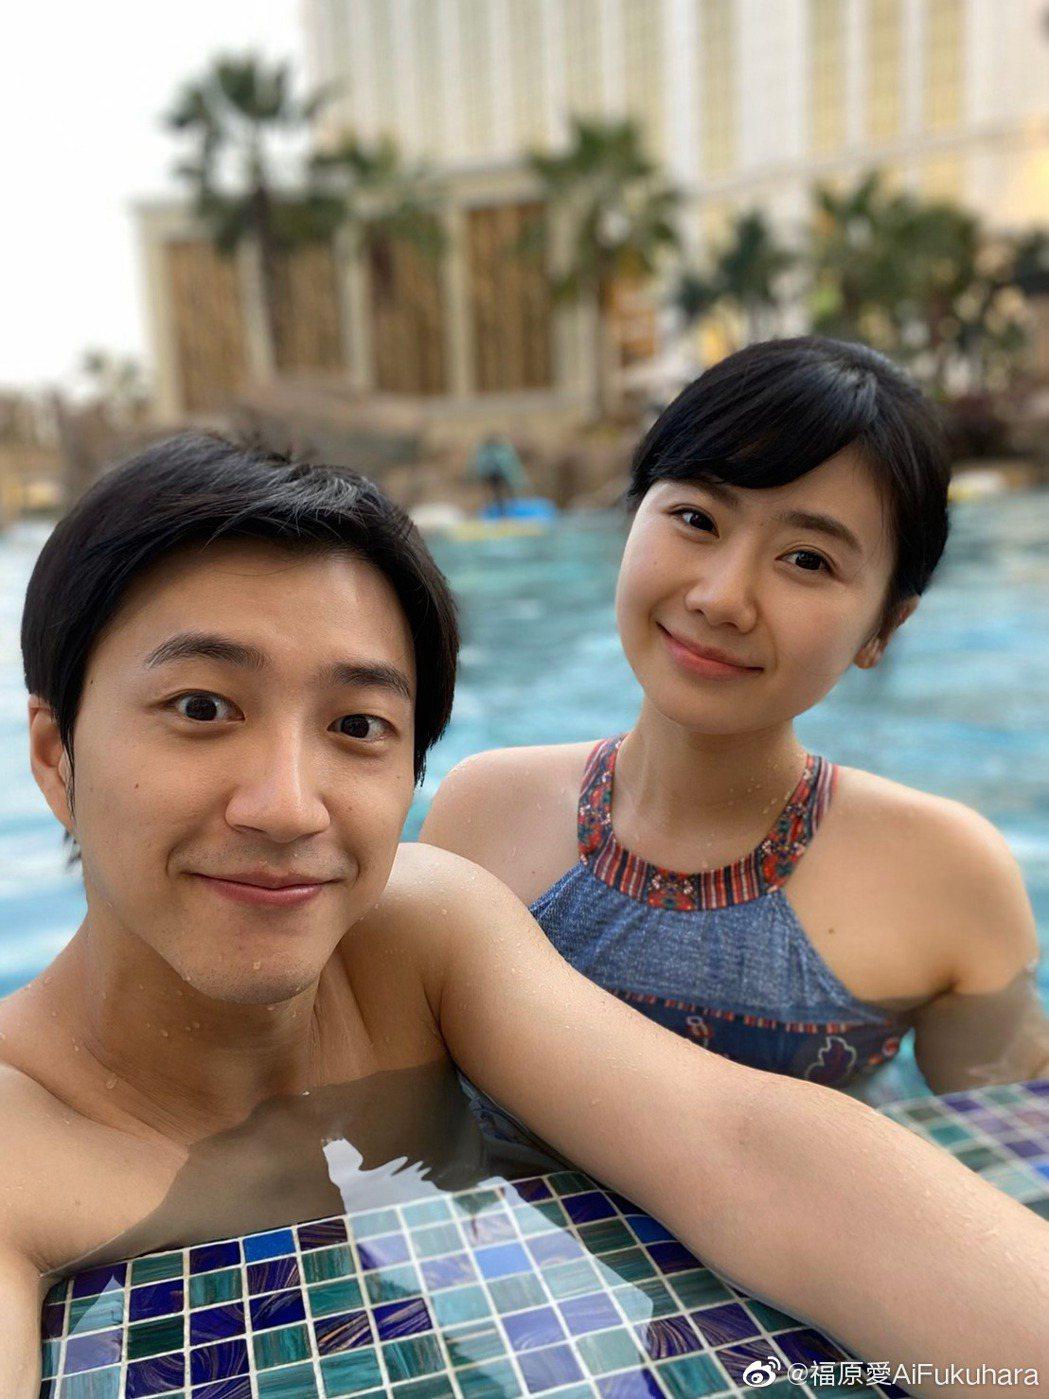 江宏傑(左)、福原愛日前結束5年的婚姻。圖/摘自微博